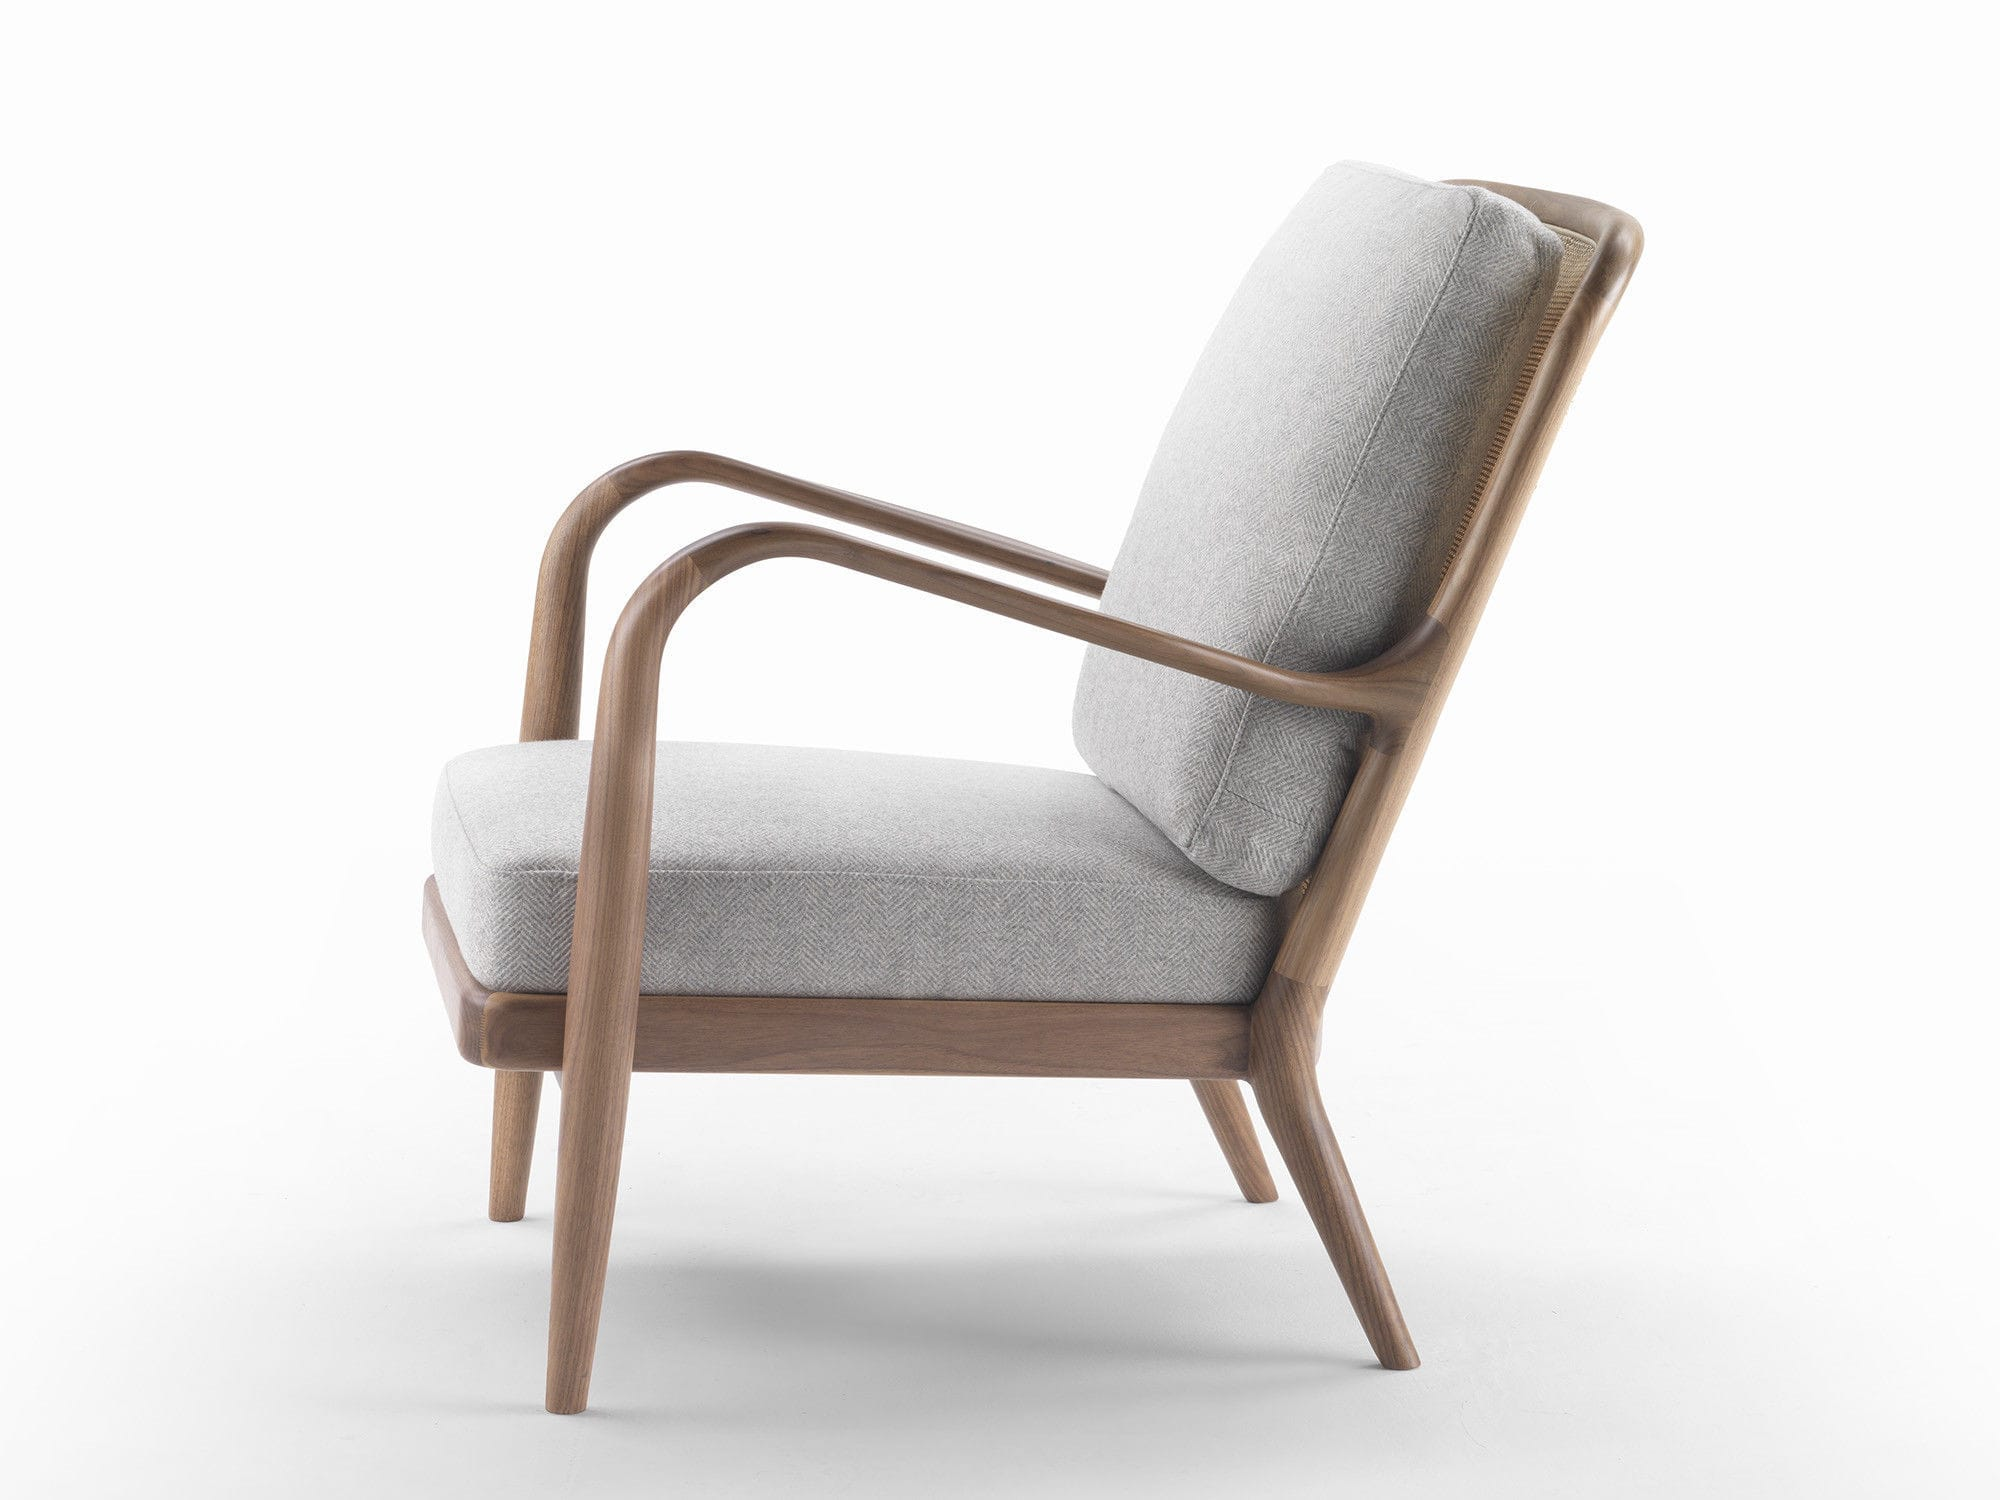 Geräumig Schmaler Sessel Beste Wahl Moderner / Stoff / Leder / Massivholz